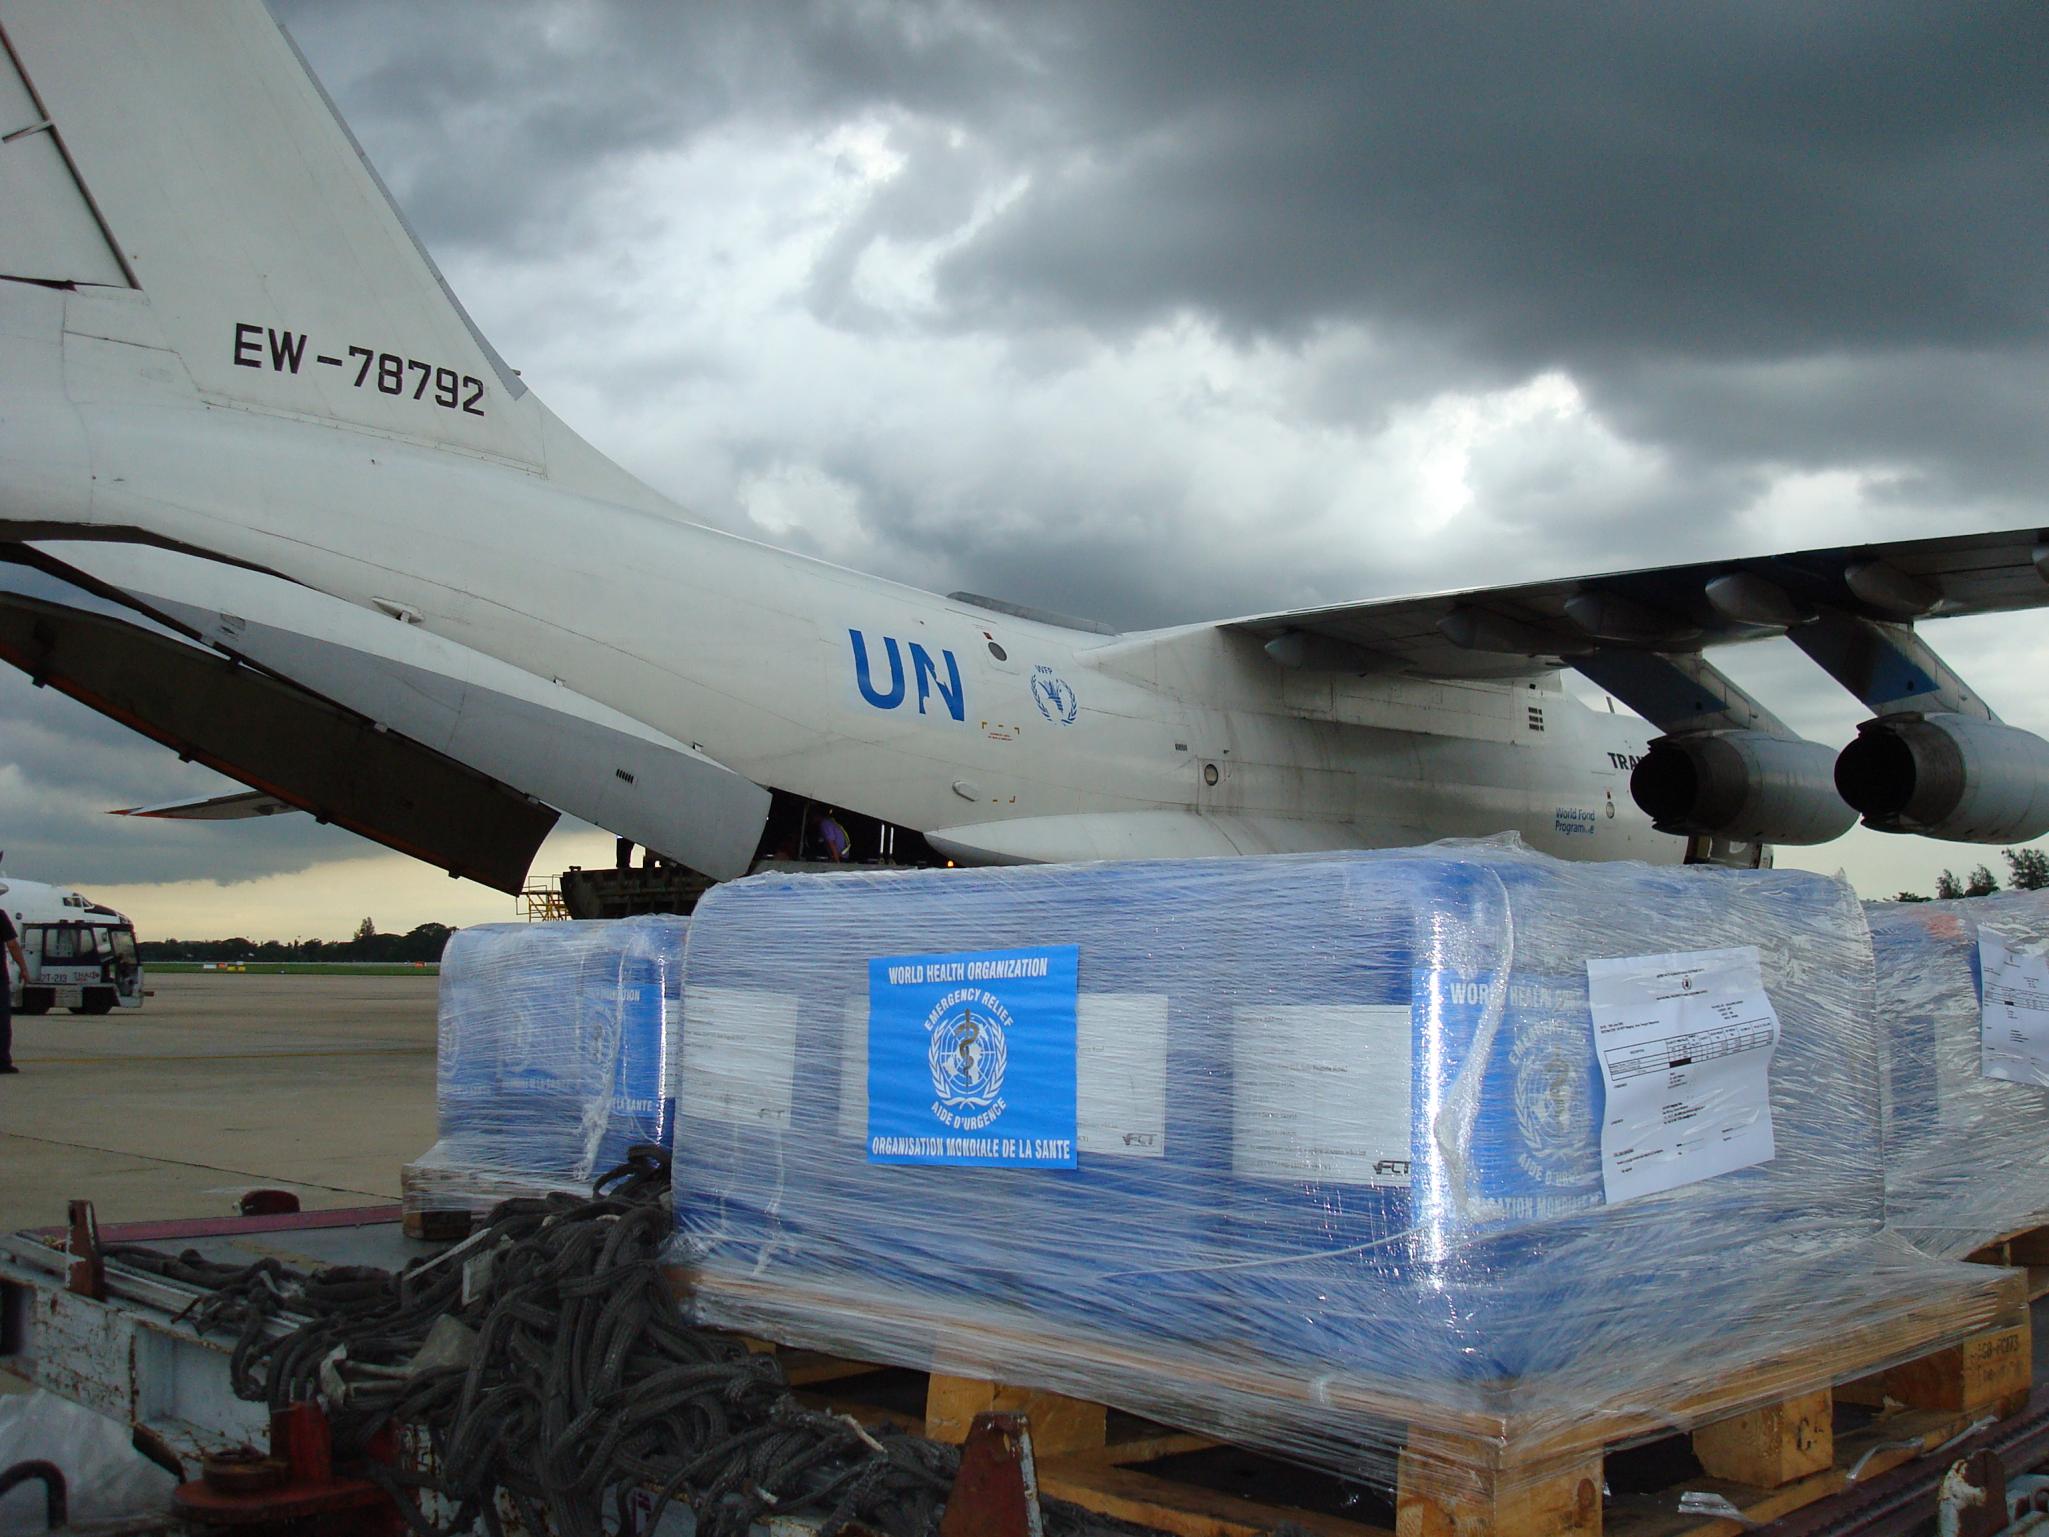 Cyclone Nargis response 2008: Interagency Emergency Health Kits en route to Myanmar.